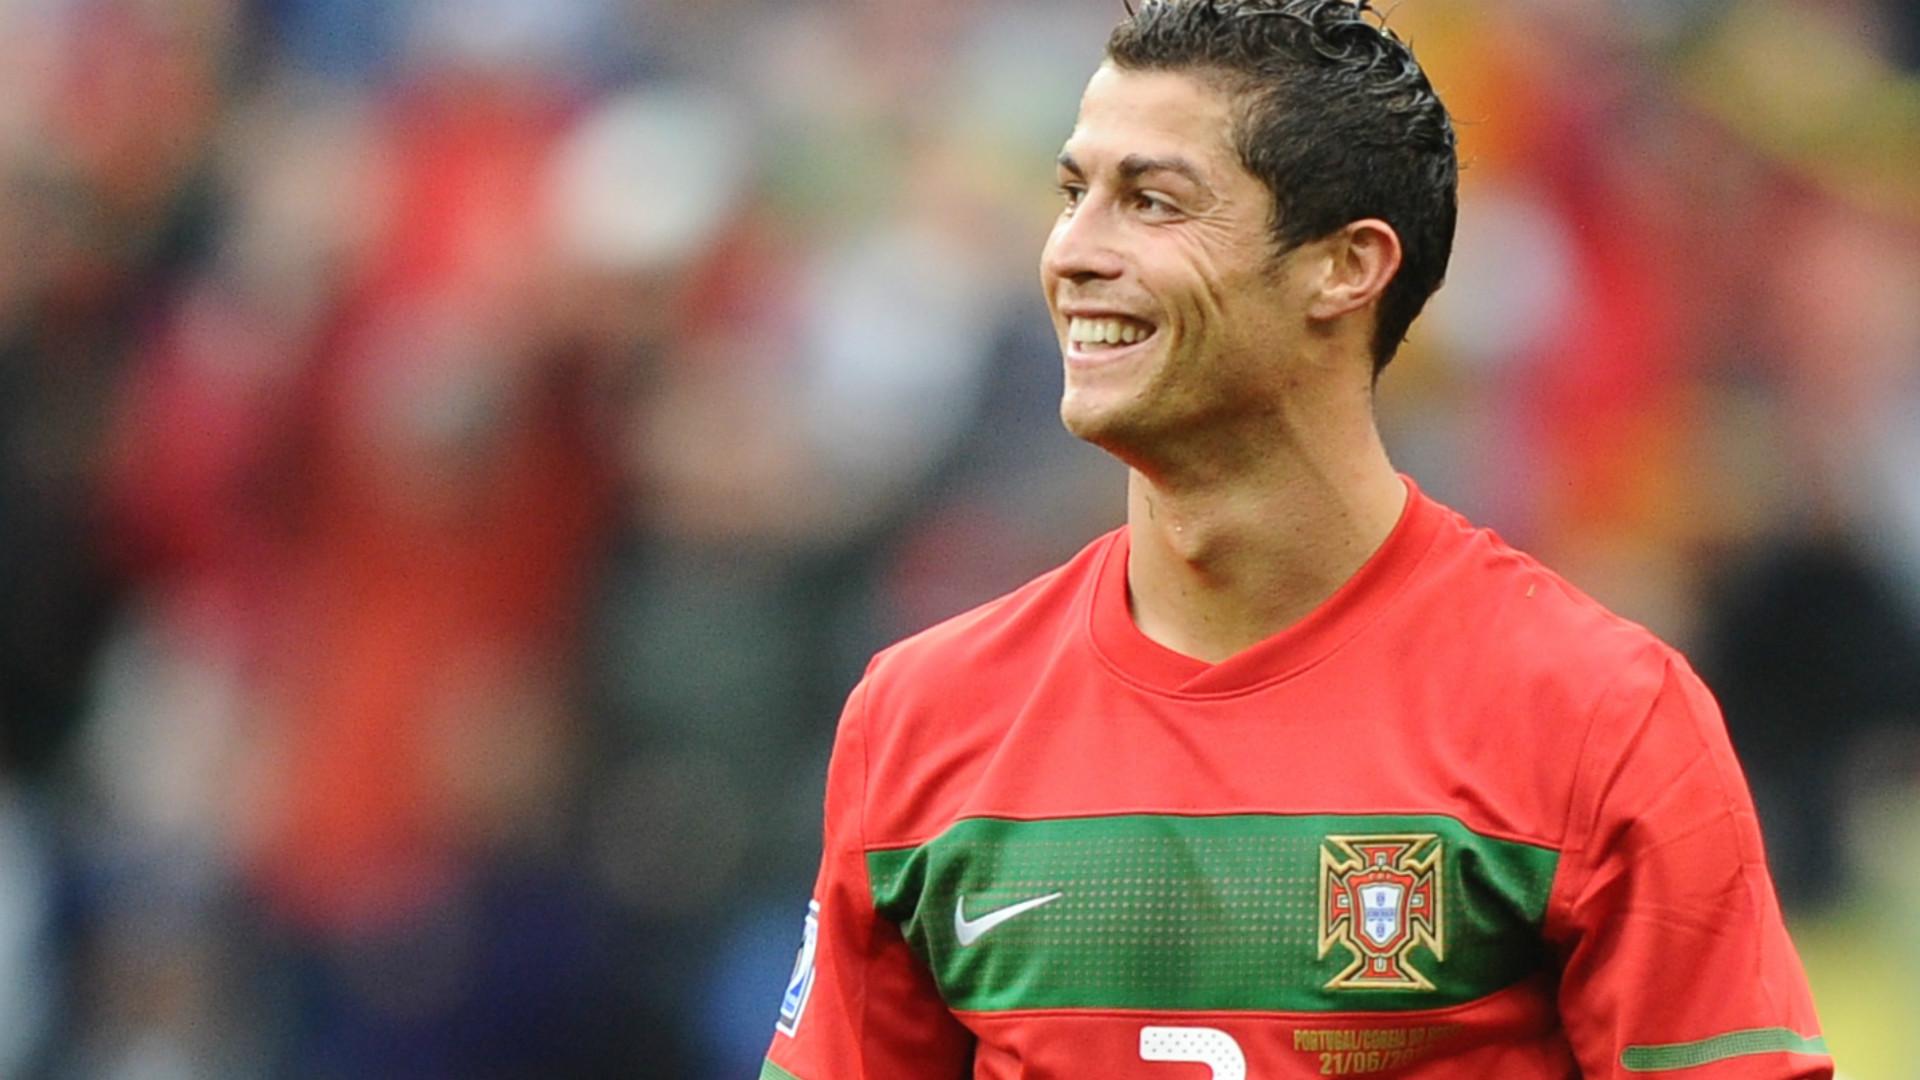 Effetto Ronaldo in borsa: il titolo Juventus ai massimi da febbraio